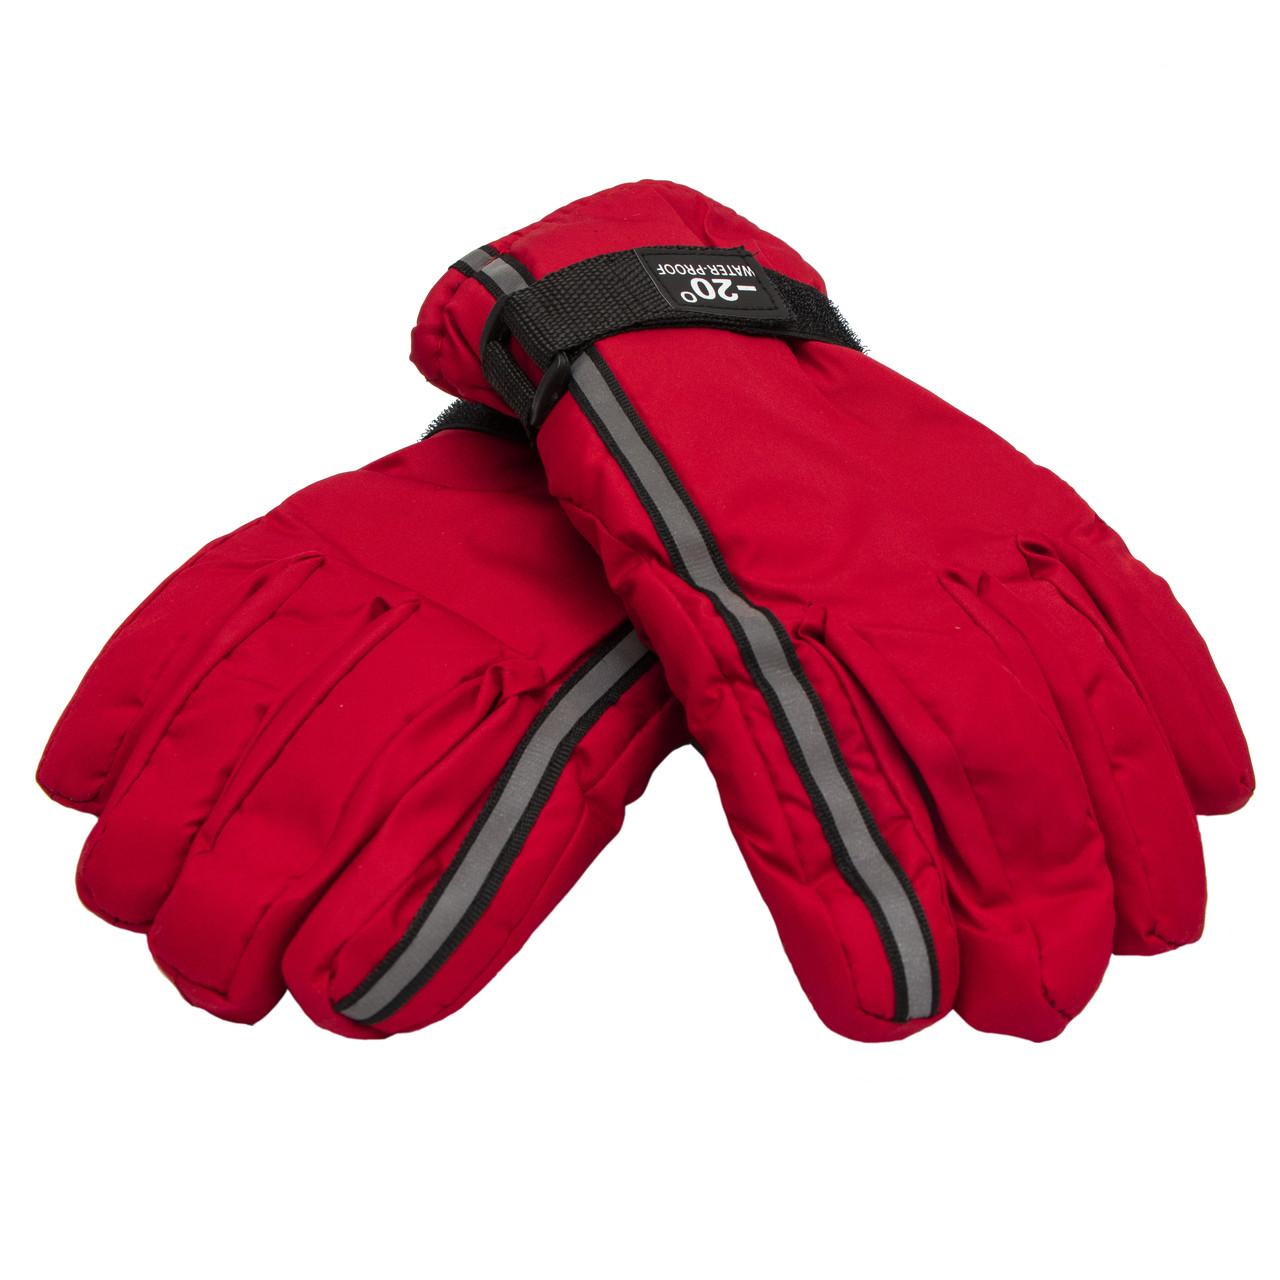 Дитячі рукавички, лижні, червоні, розмір 15 (517229)